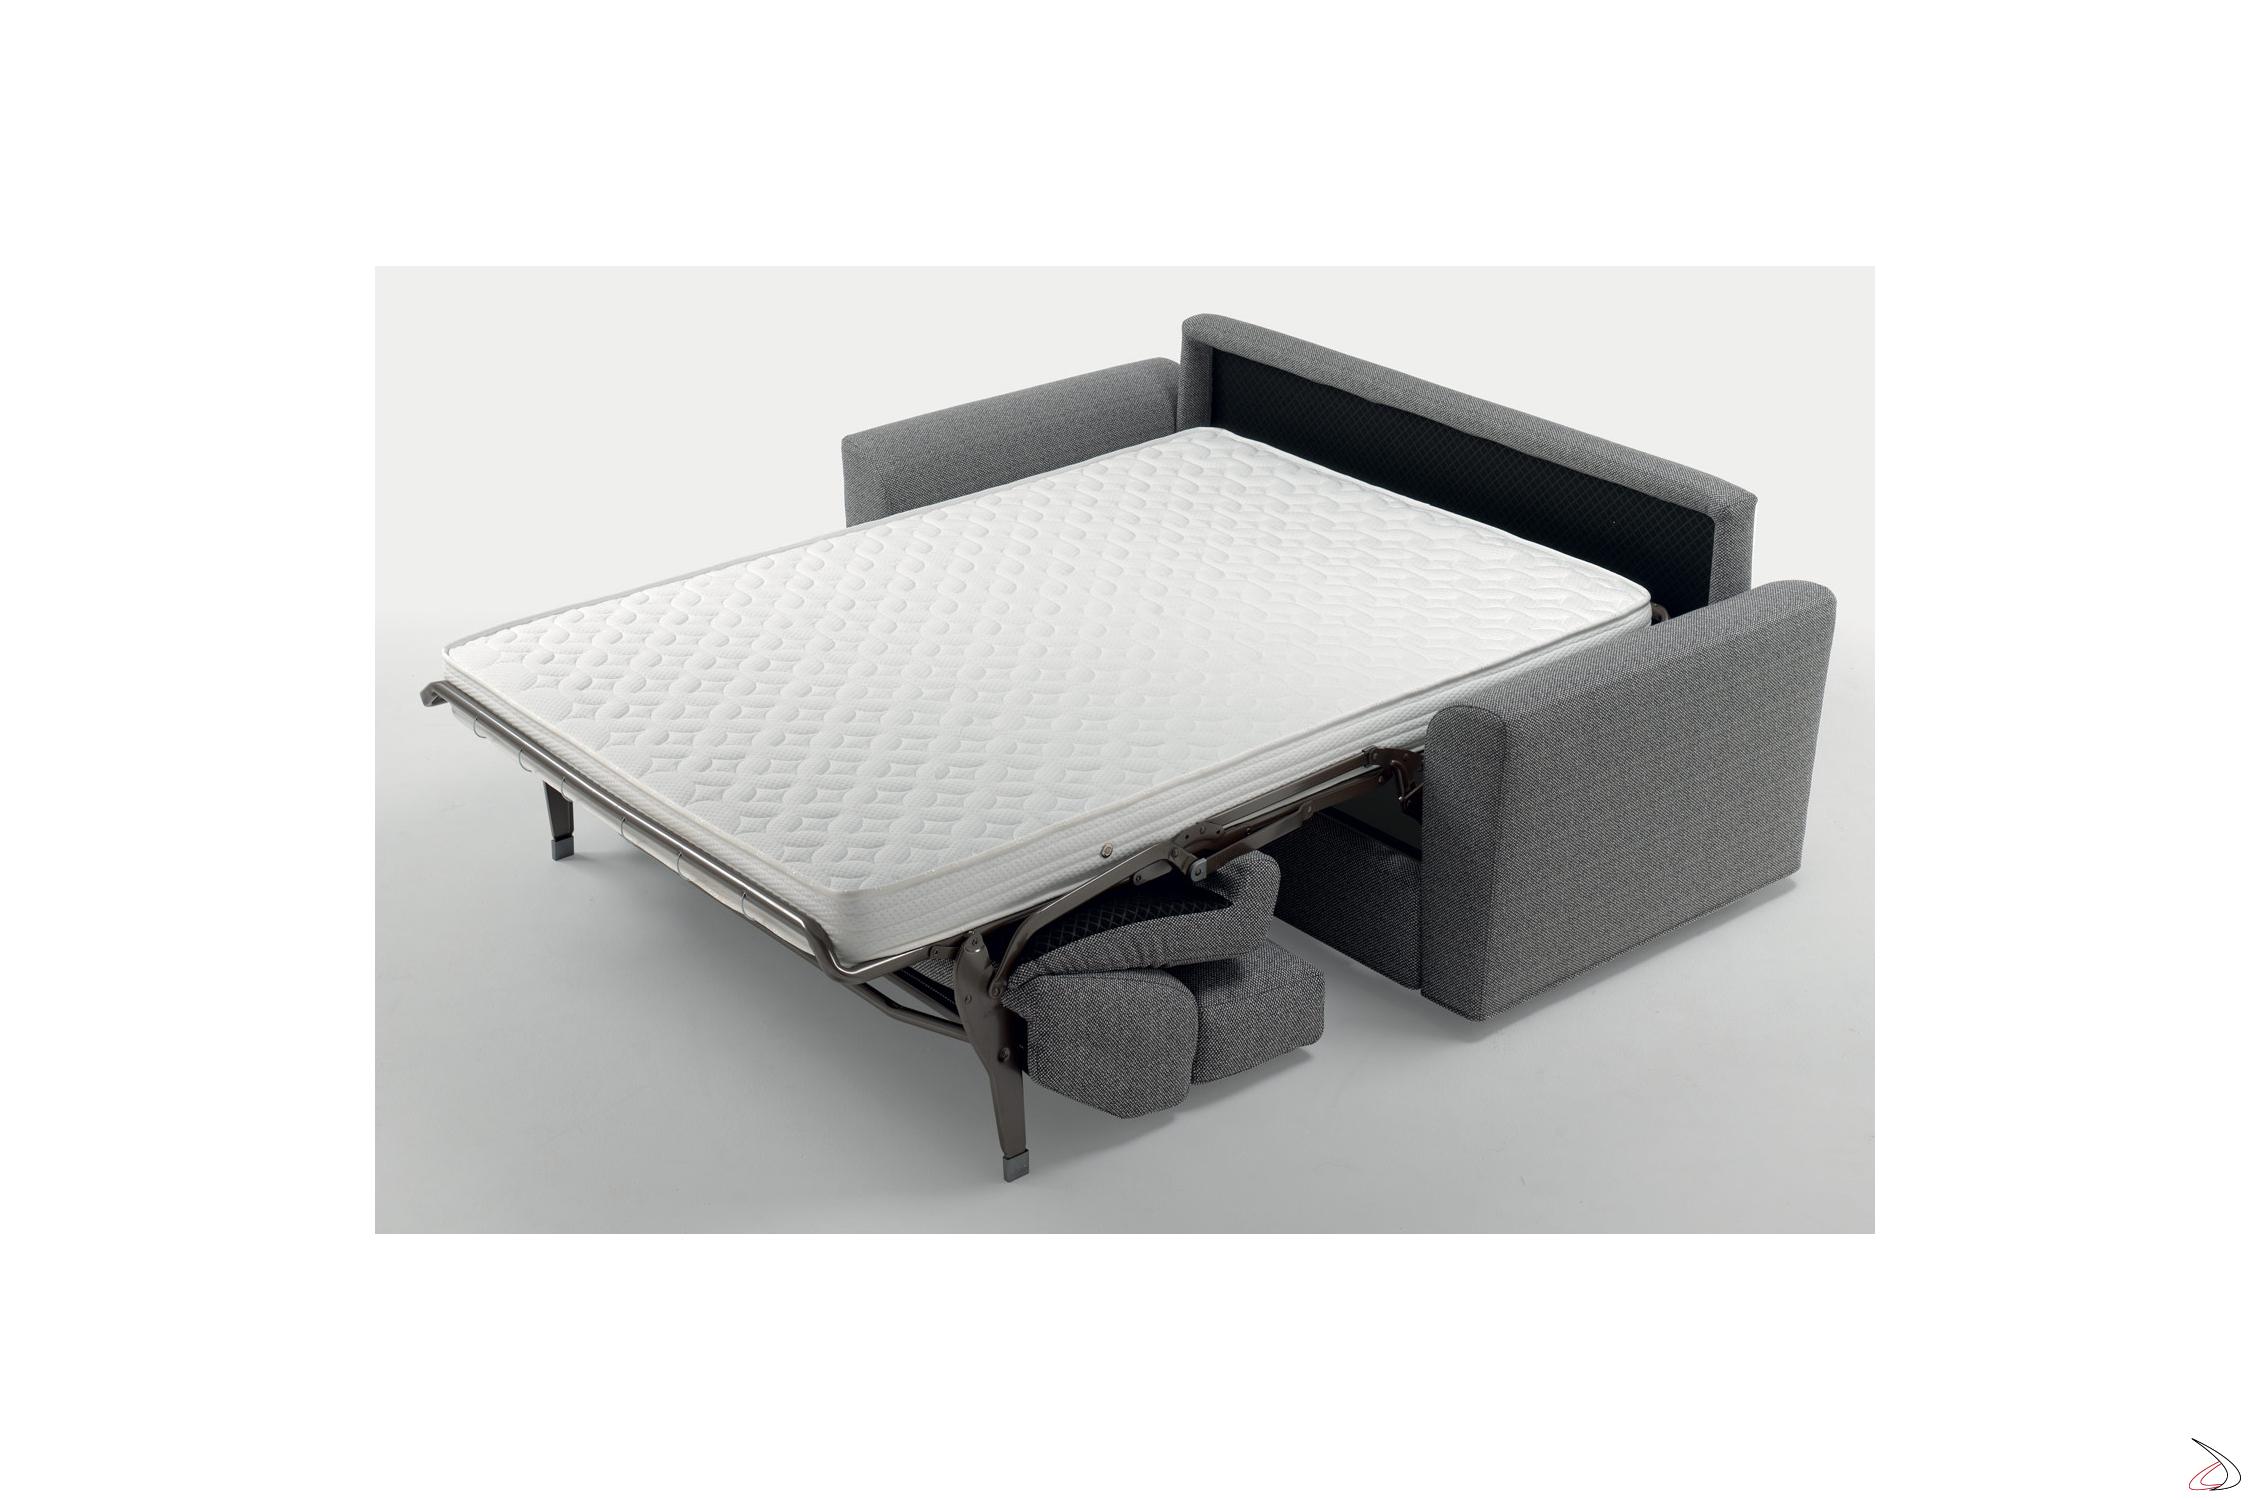 Divano Letto Piazza E Mezza.Attis Convertible Two Seater Sofa Toparredi Arredo Design Online